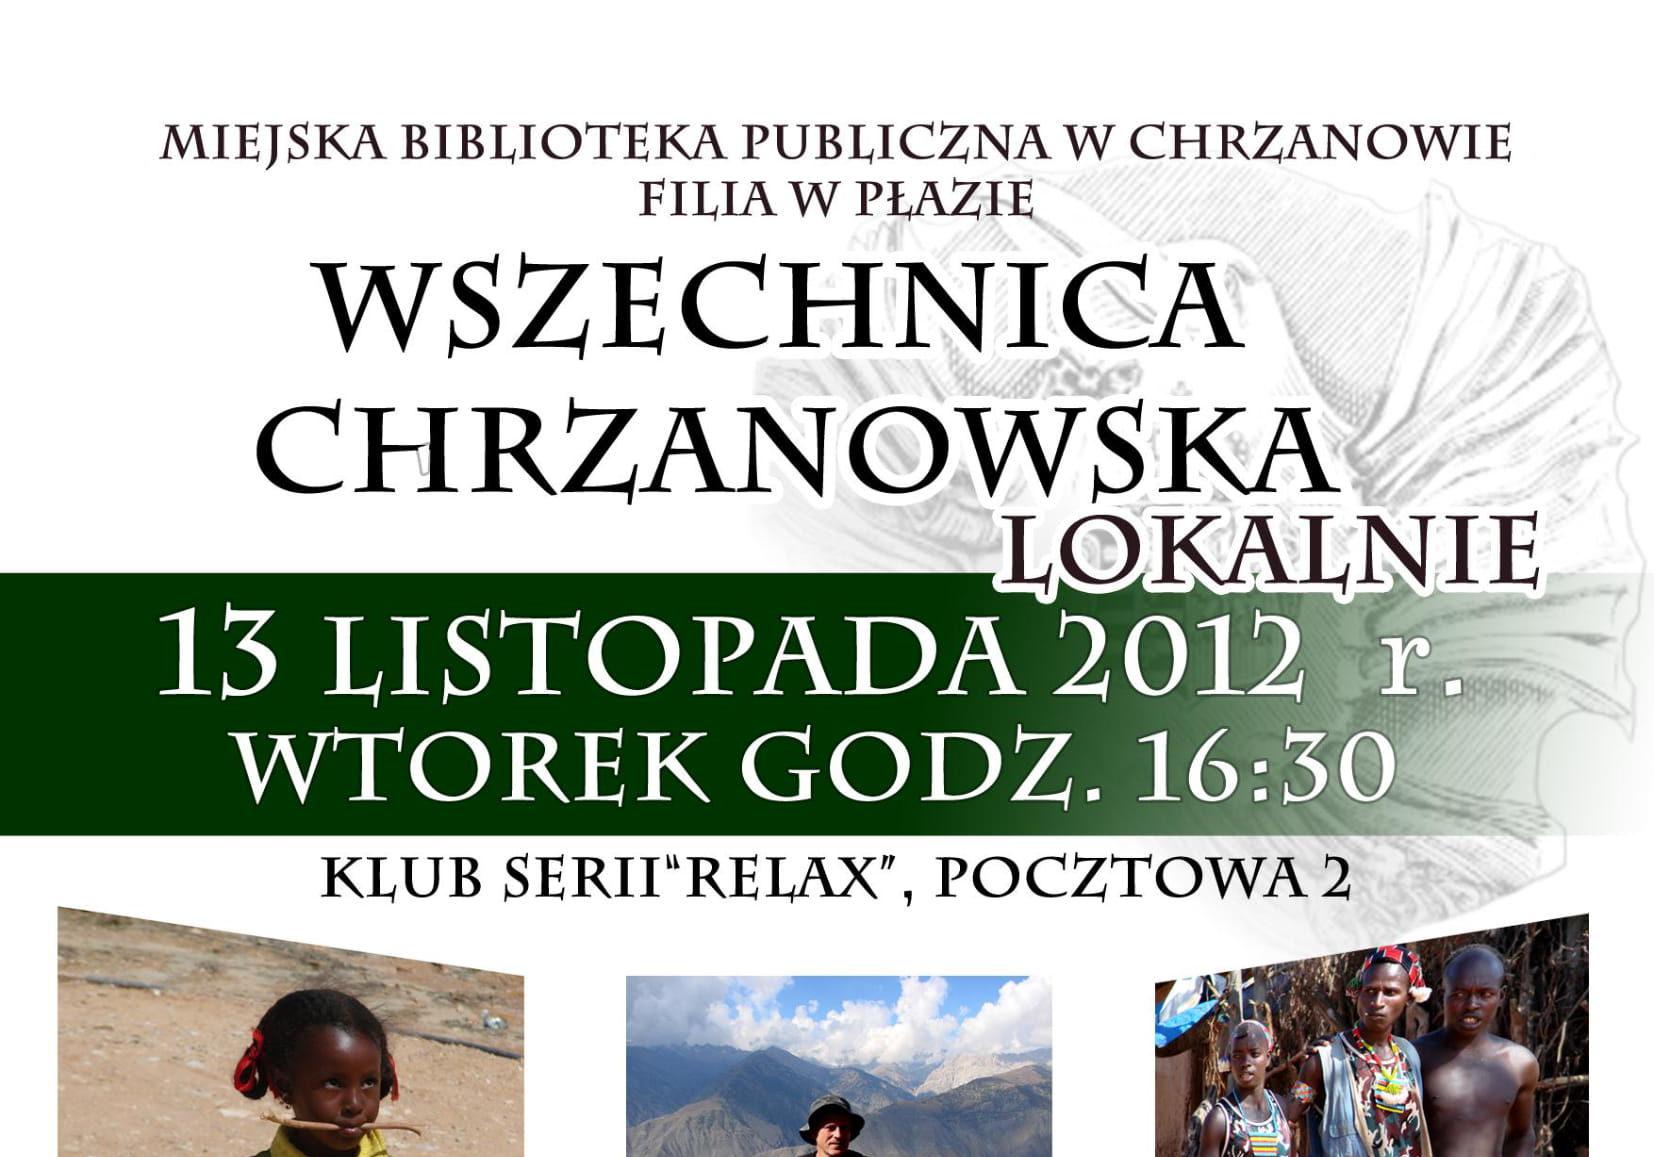 Wszechnica Chrzanowska Lokalnie